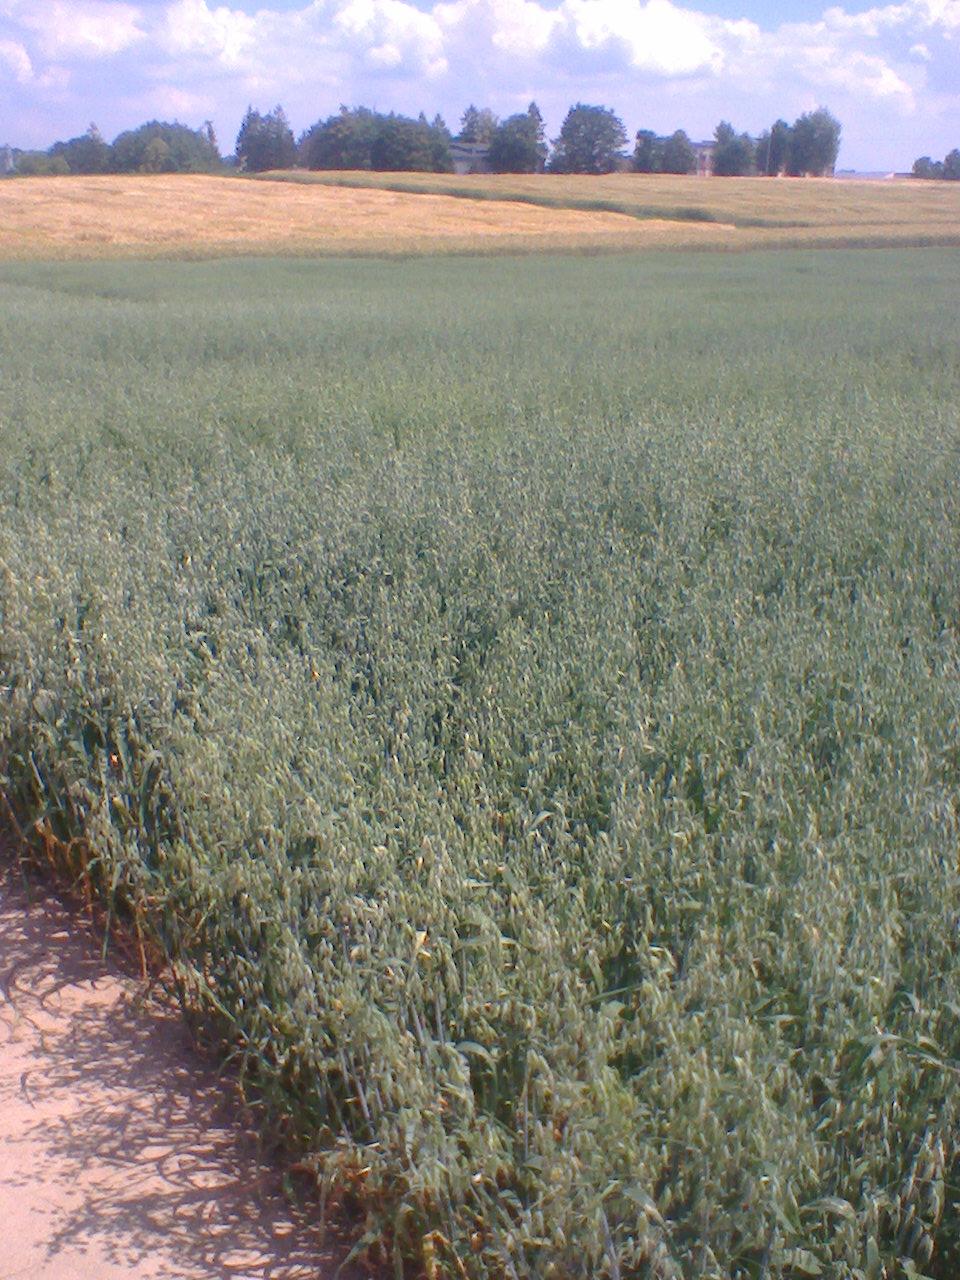 Letnie spotkanie hodowców jęczmienia i owsa w Oddziale hodowlanym w Modzurowie należącym do Hodowli Roślin DANKO